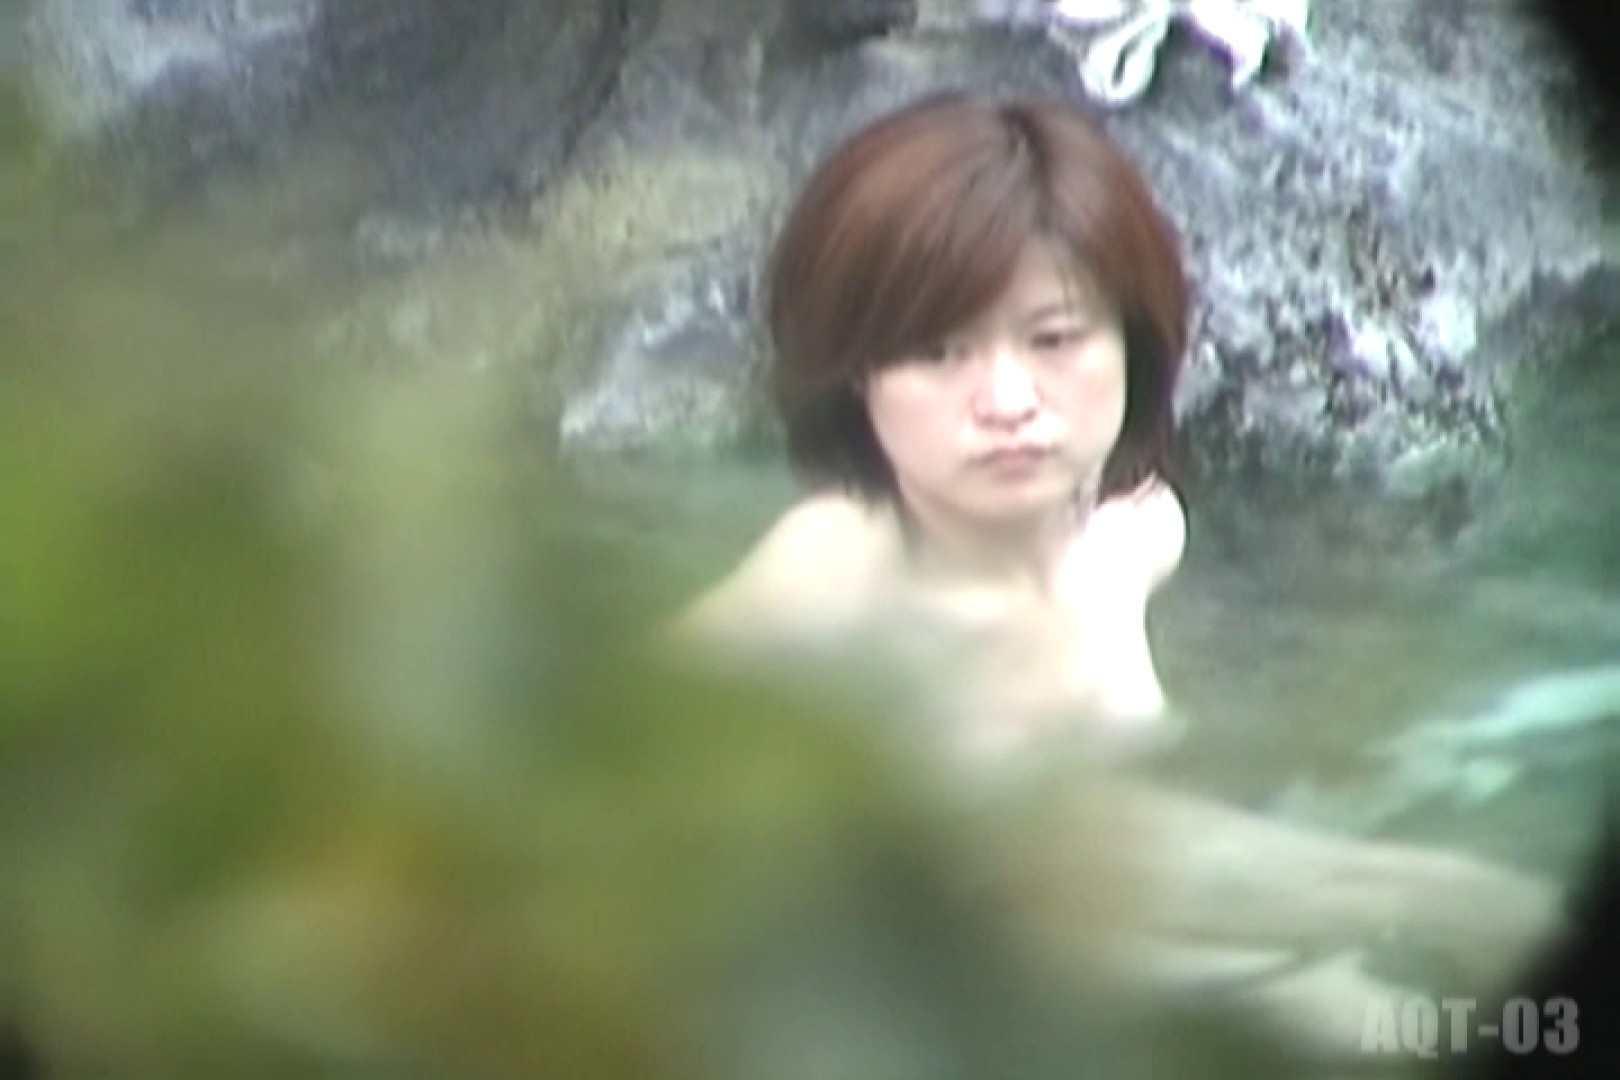 Aquaな露天風呂Vol.731 OLハメ撮り  104Pix 16